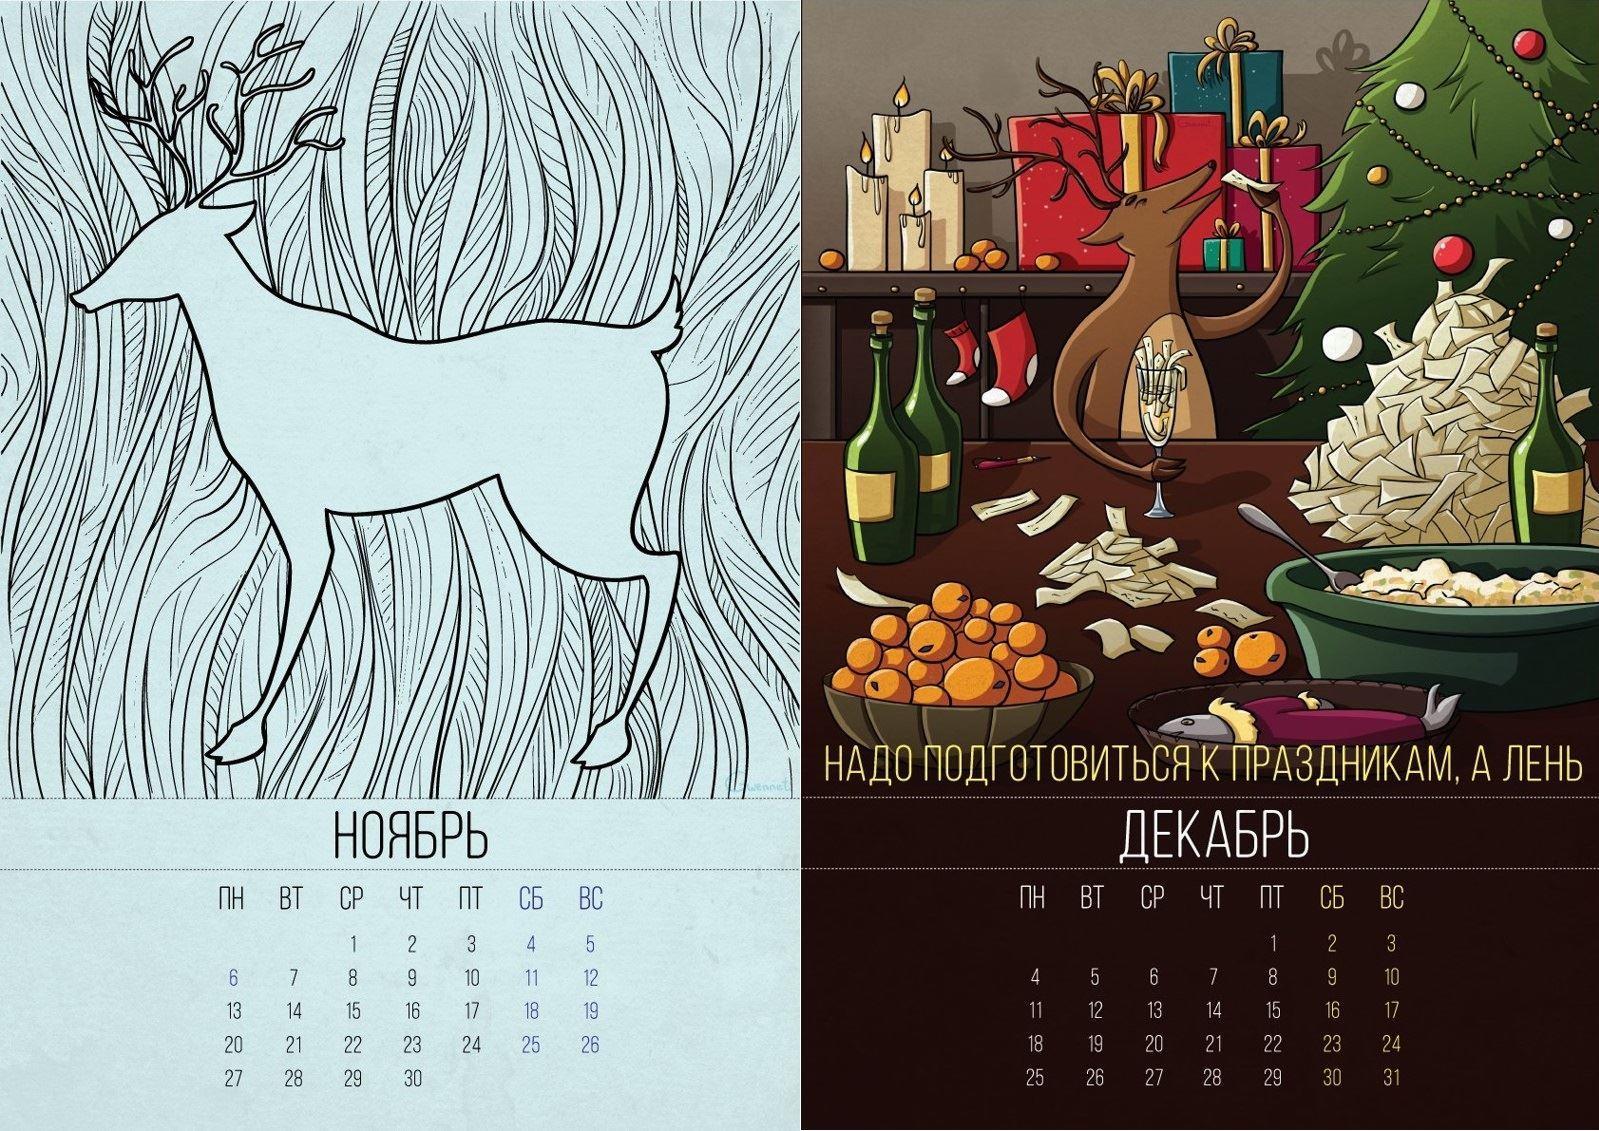 Календарь на 2017 год. Специально для ленивых людей!